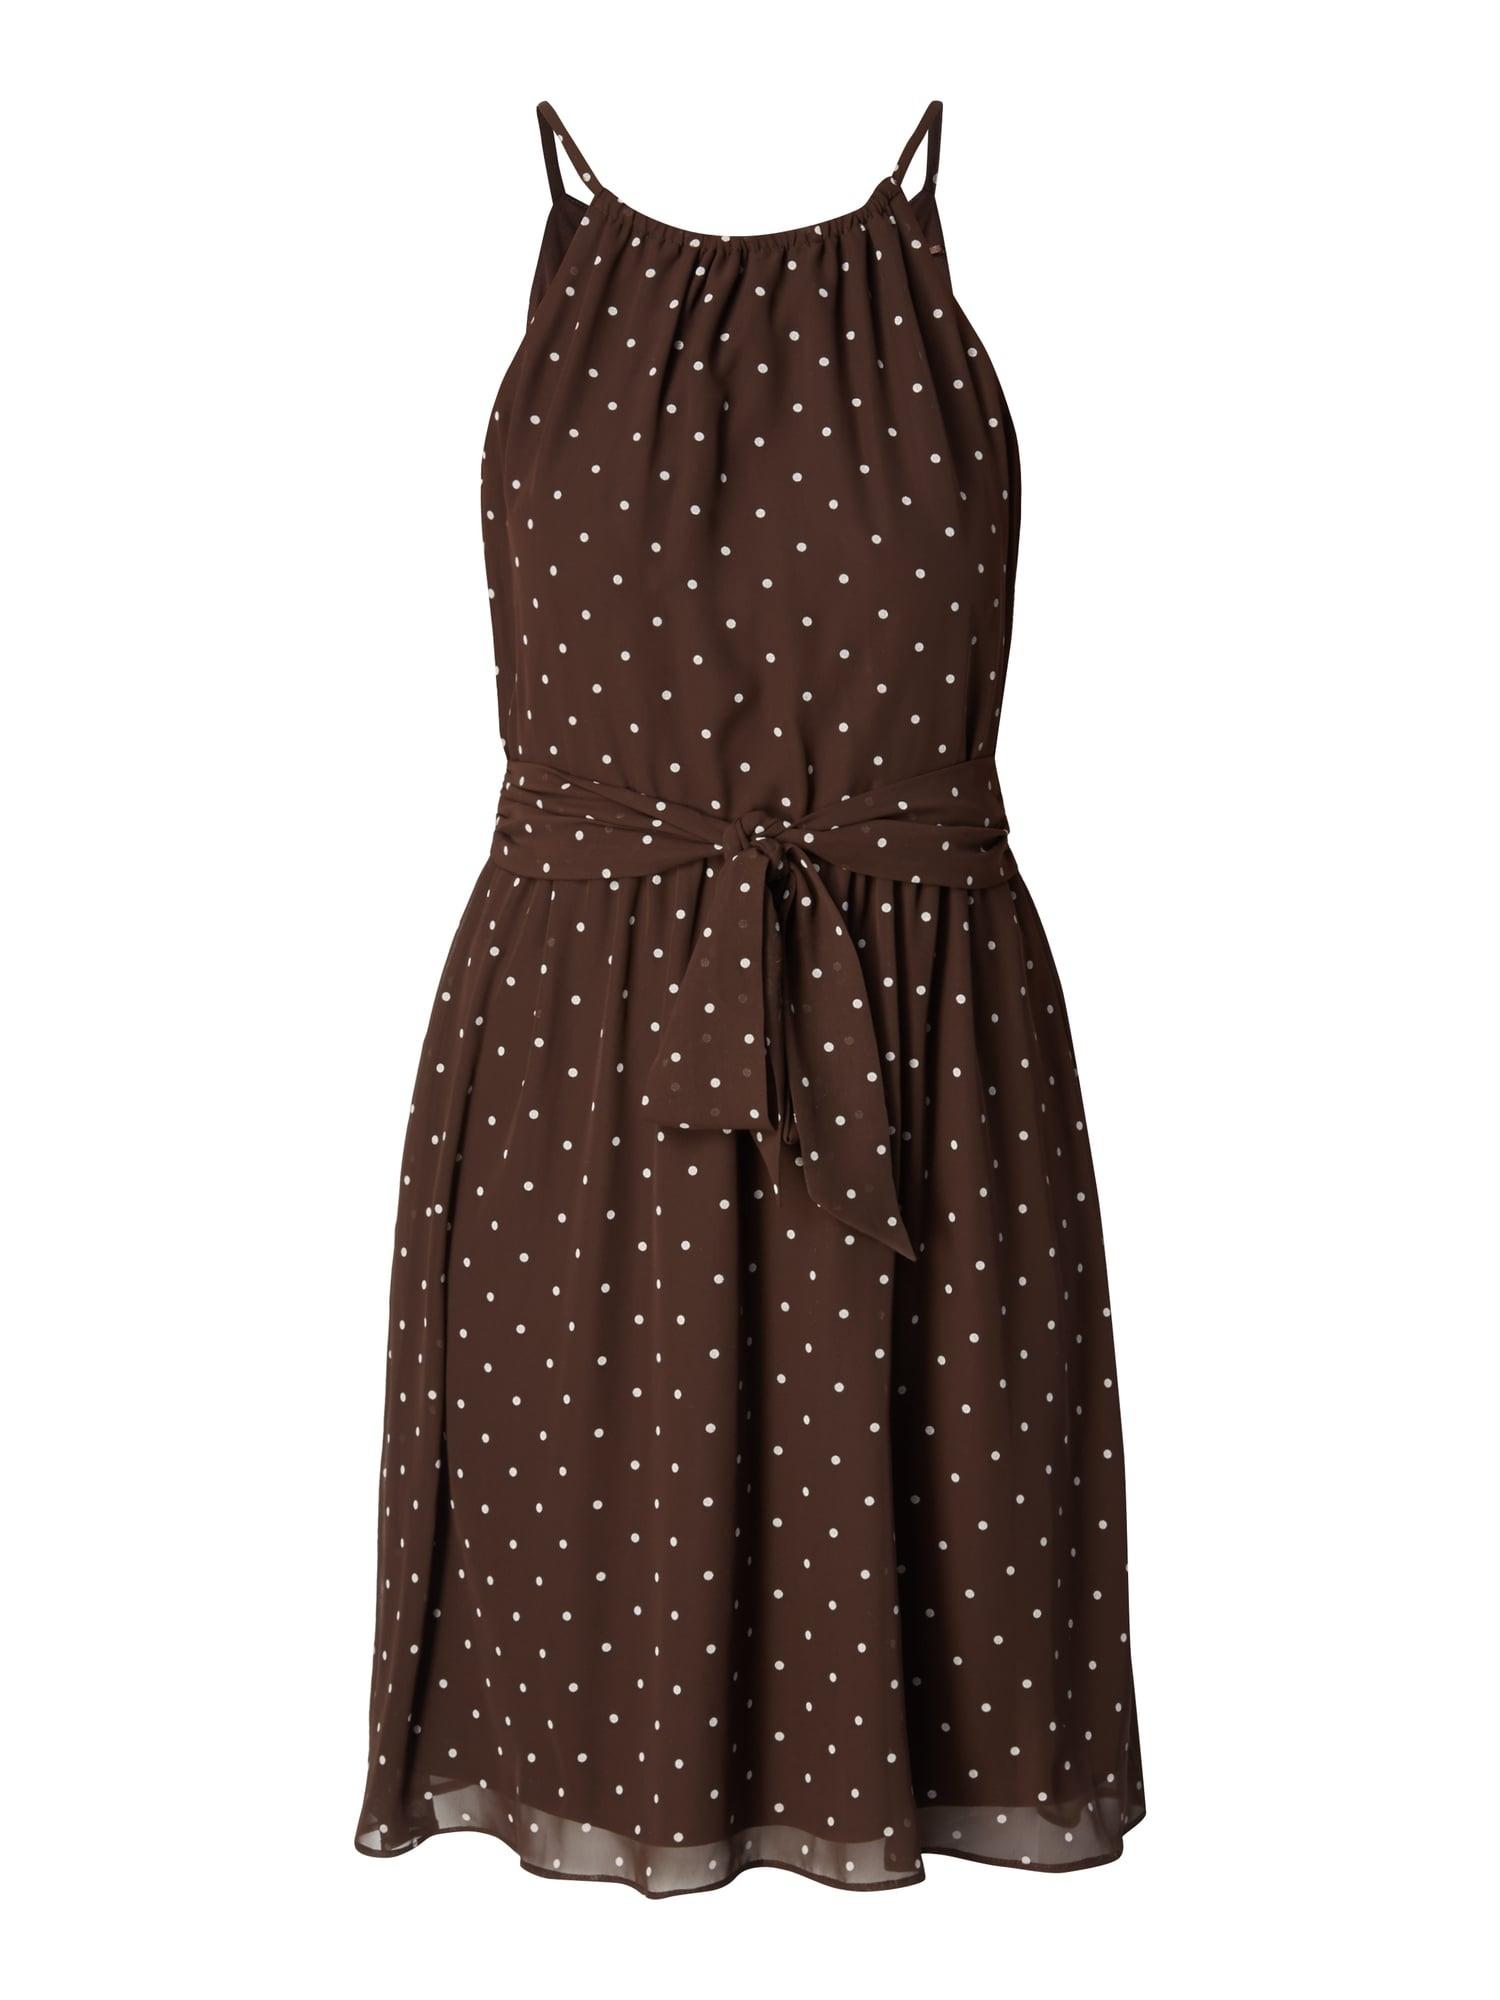 Abend Großartig Kleider Online Bestellen Stylish15 Großartig Kleider Online Bestellen Boutique